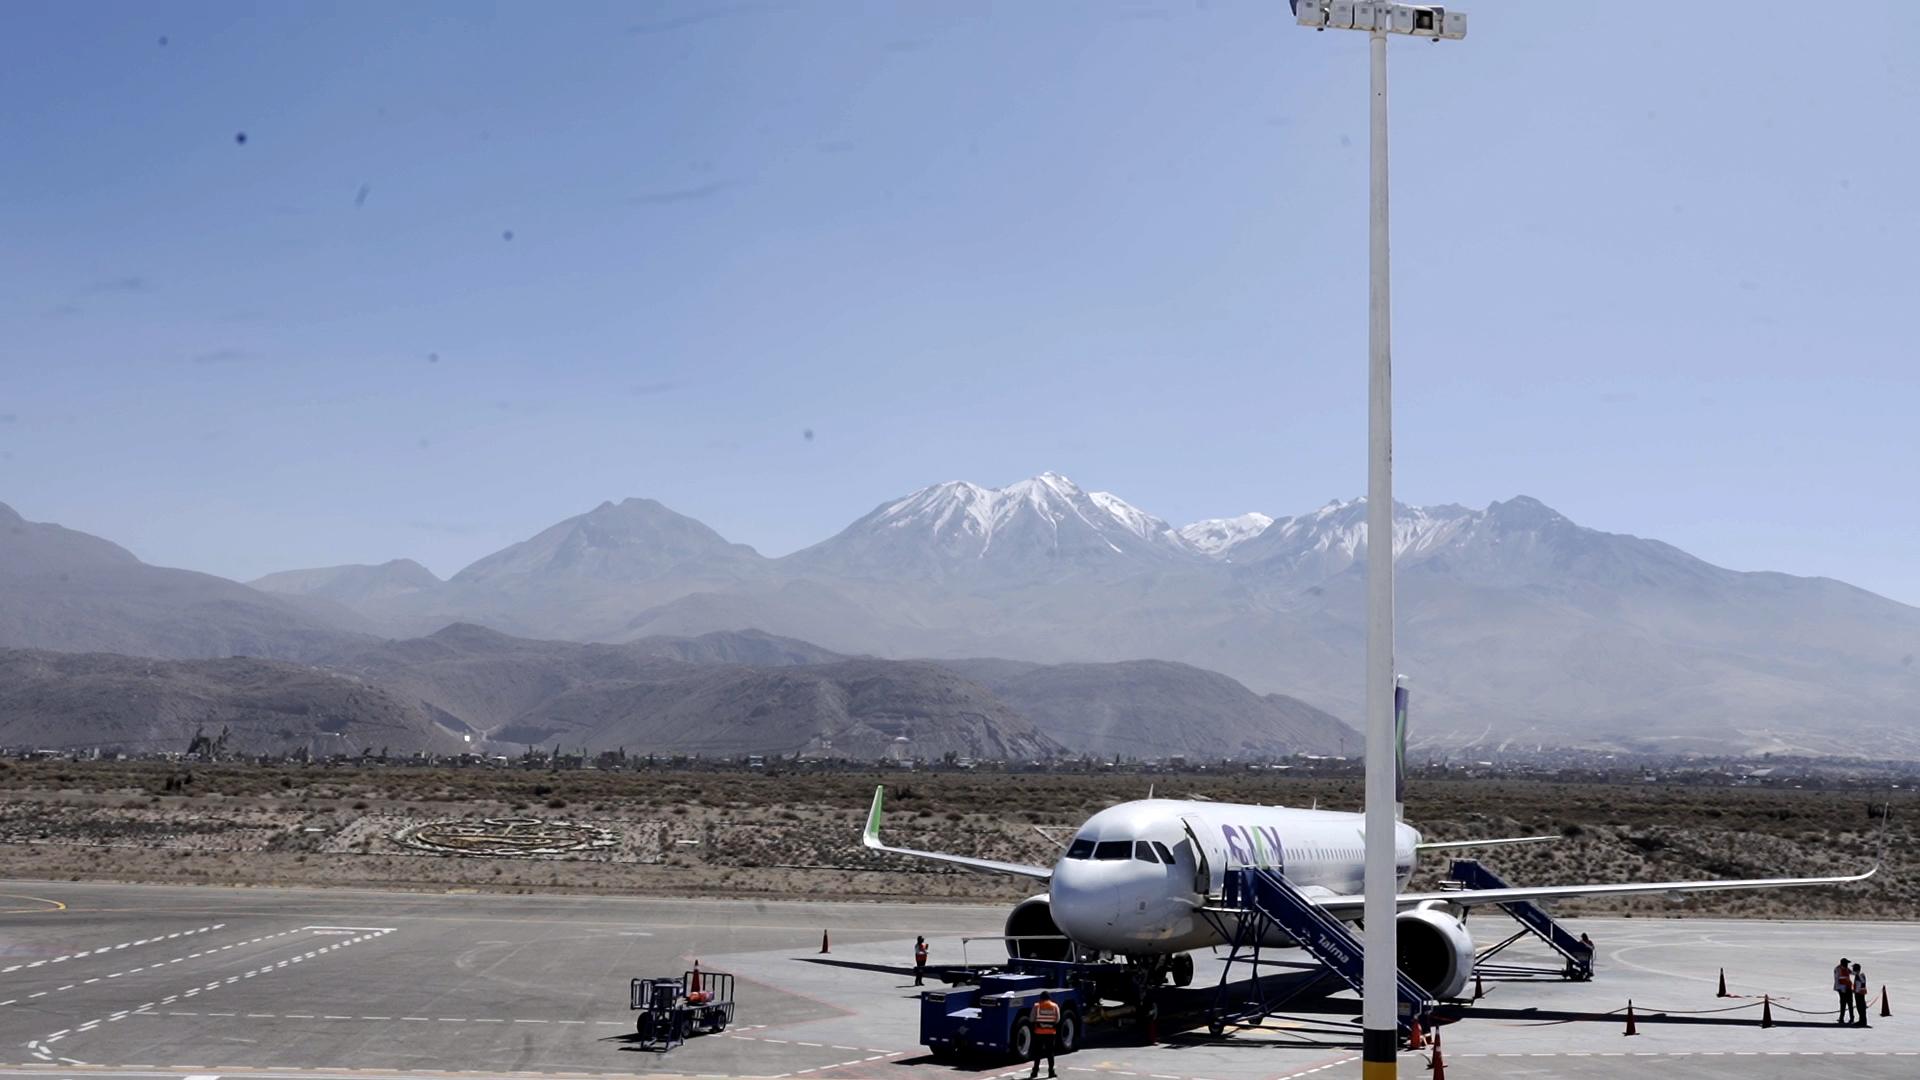 Aeropuertos Andinos del Perú invertirá más de 1.4 millones de dólares en estudio para optimización de aeropuerto Alfredo Rodríguez Ballón